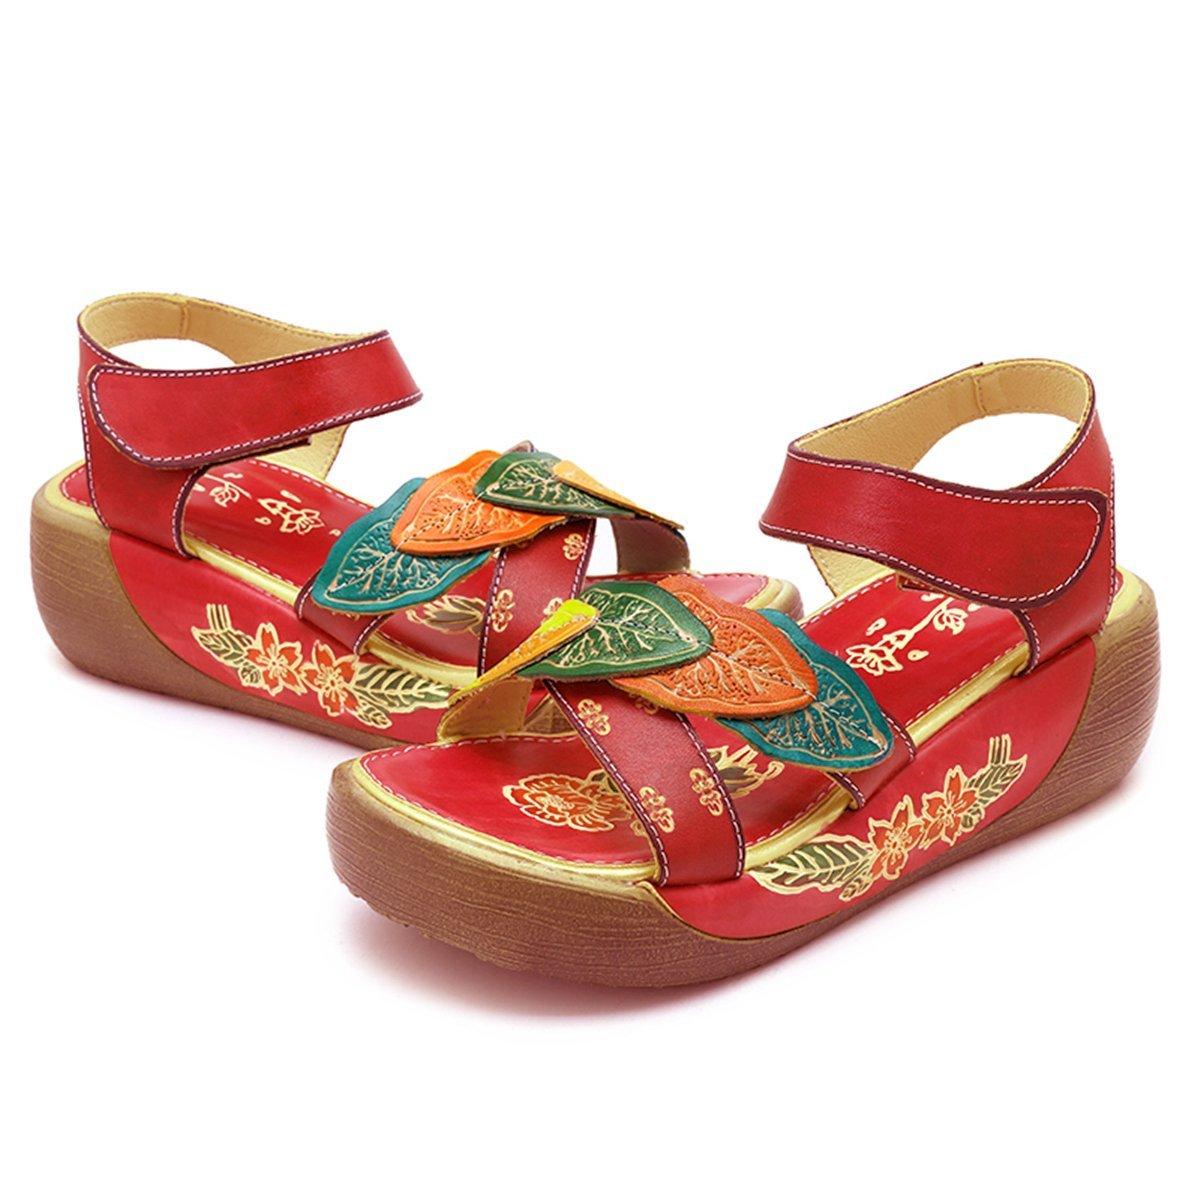 Socofy Sandalias de Las Mujer del Verano Elegantes Zapatos de Tobillo de Cuña Flor de La Vendimia Colorida Sandalias Cómodas del Desgaste Zapatillas de Deporte Planas Ocasionales de Los Folkways 41 EU|Viola